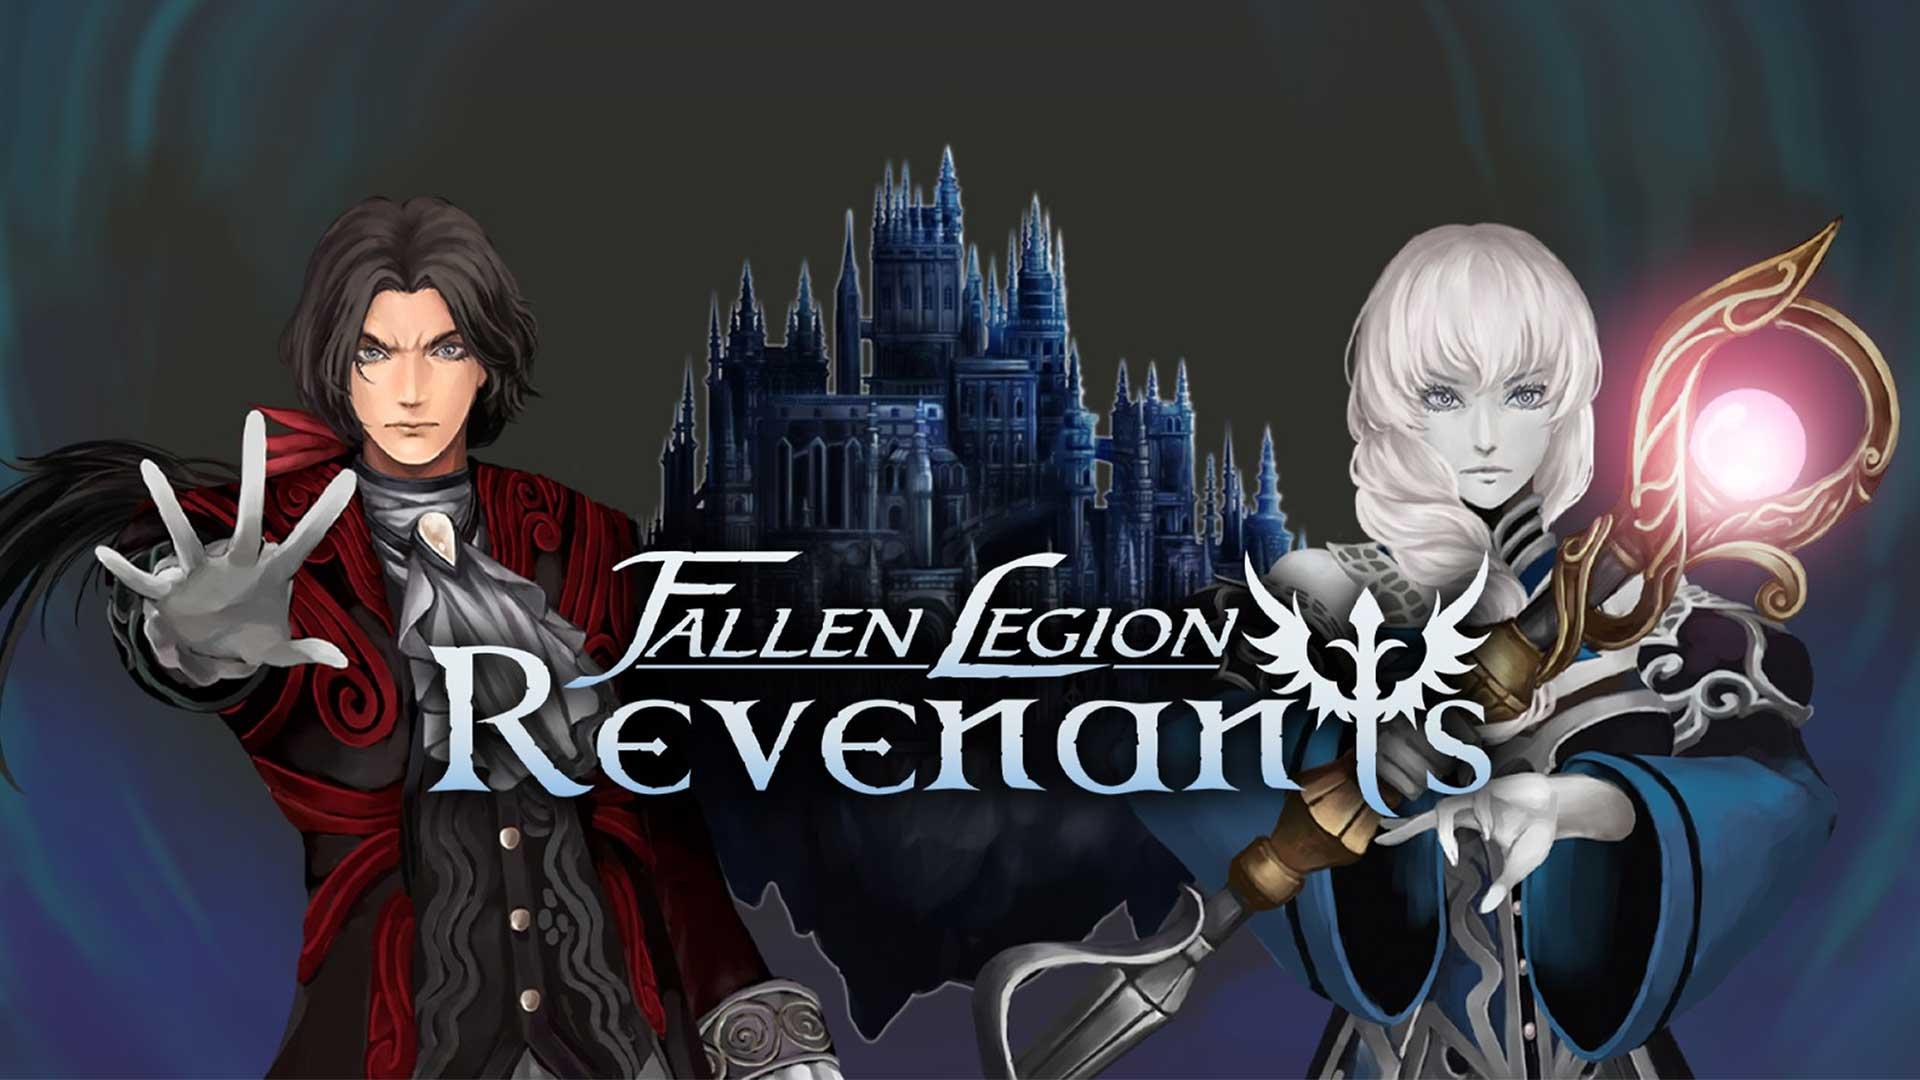 fallen legion revenant cover